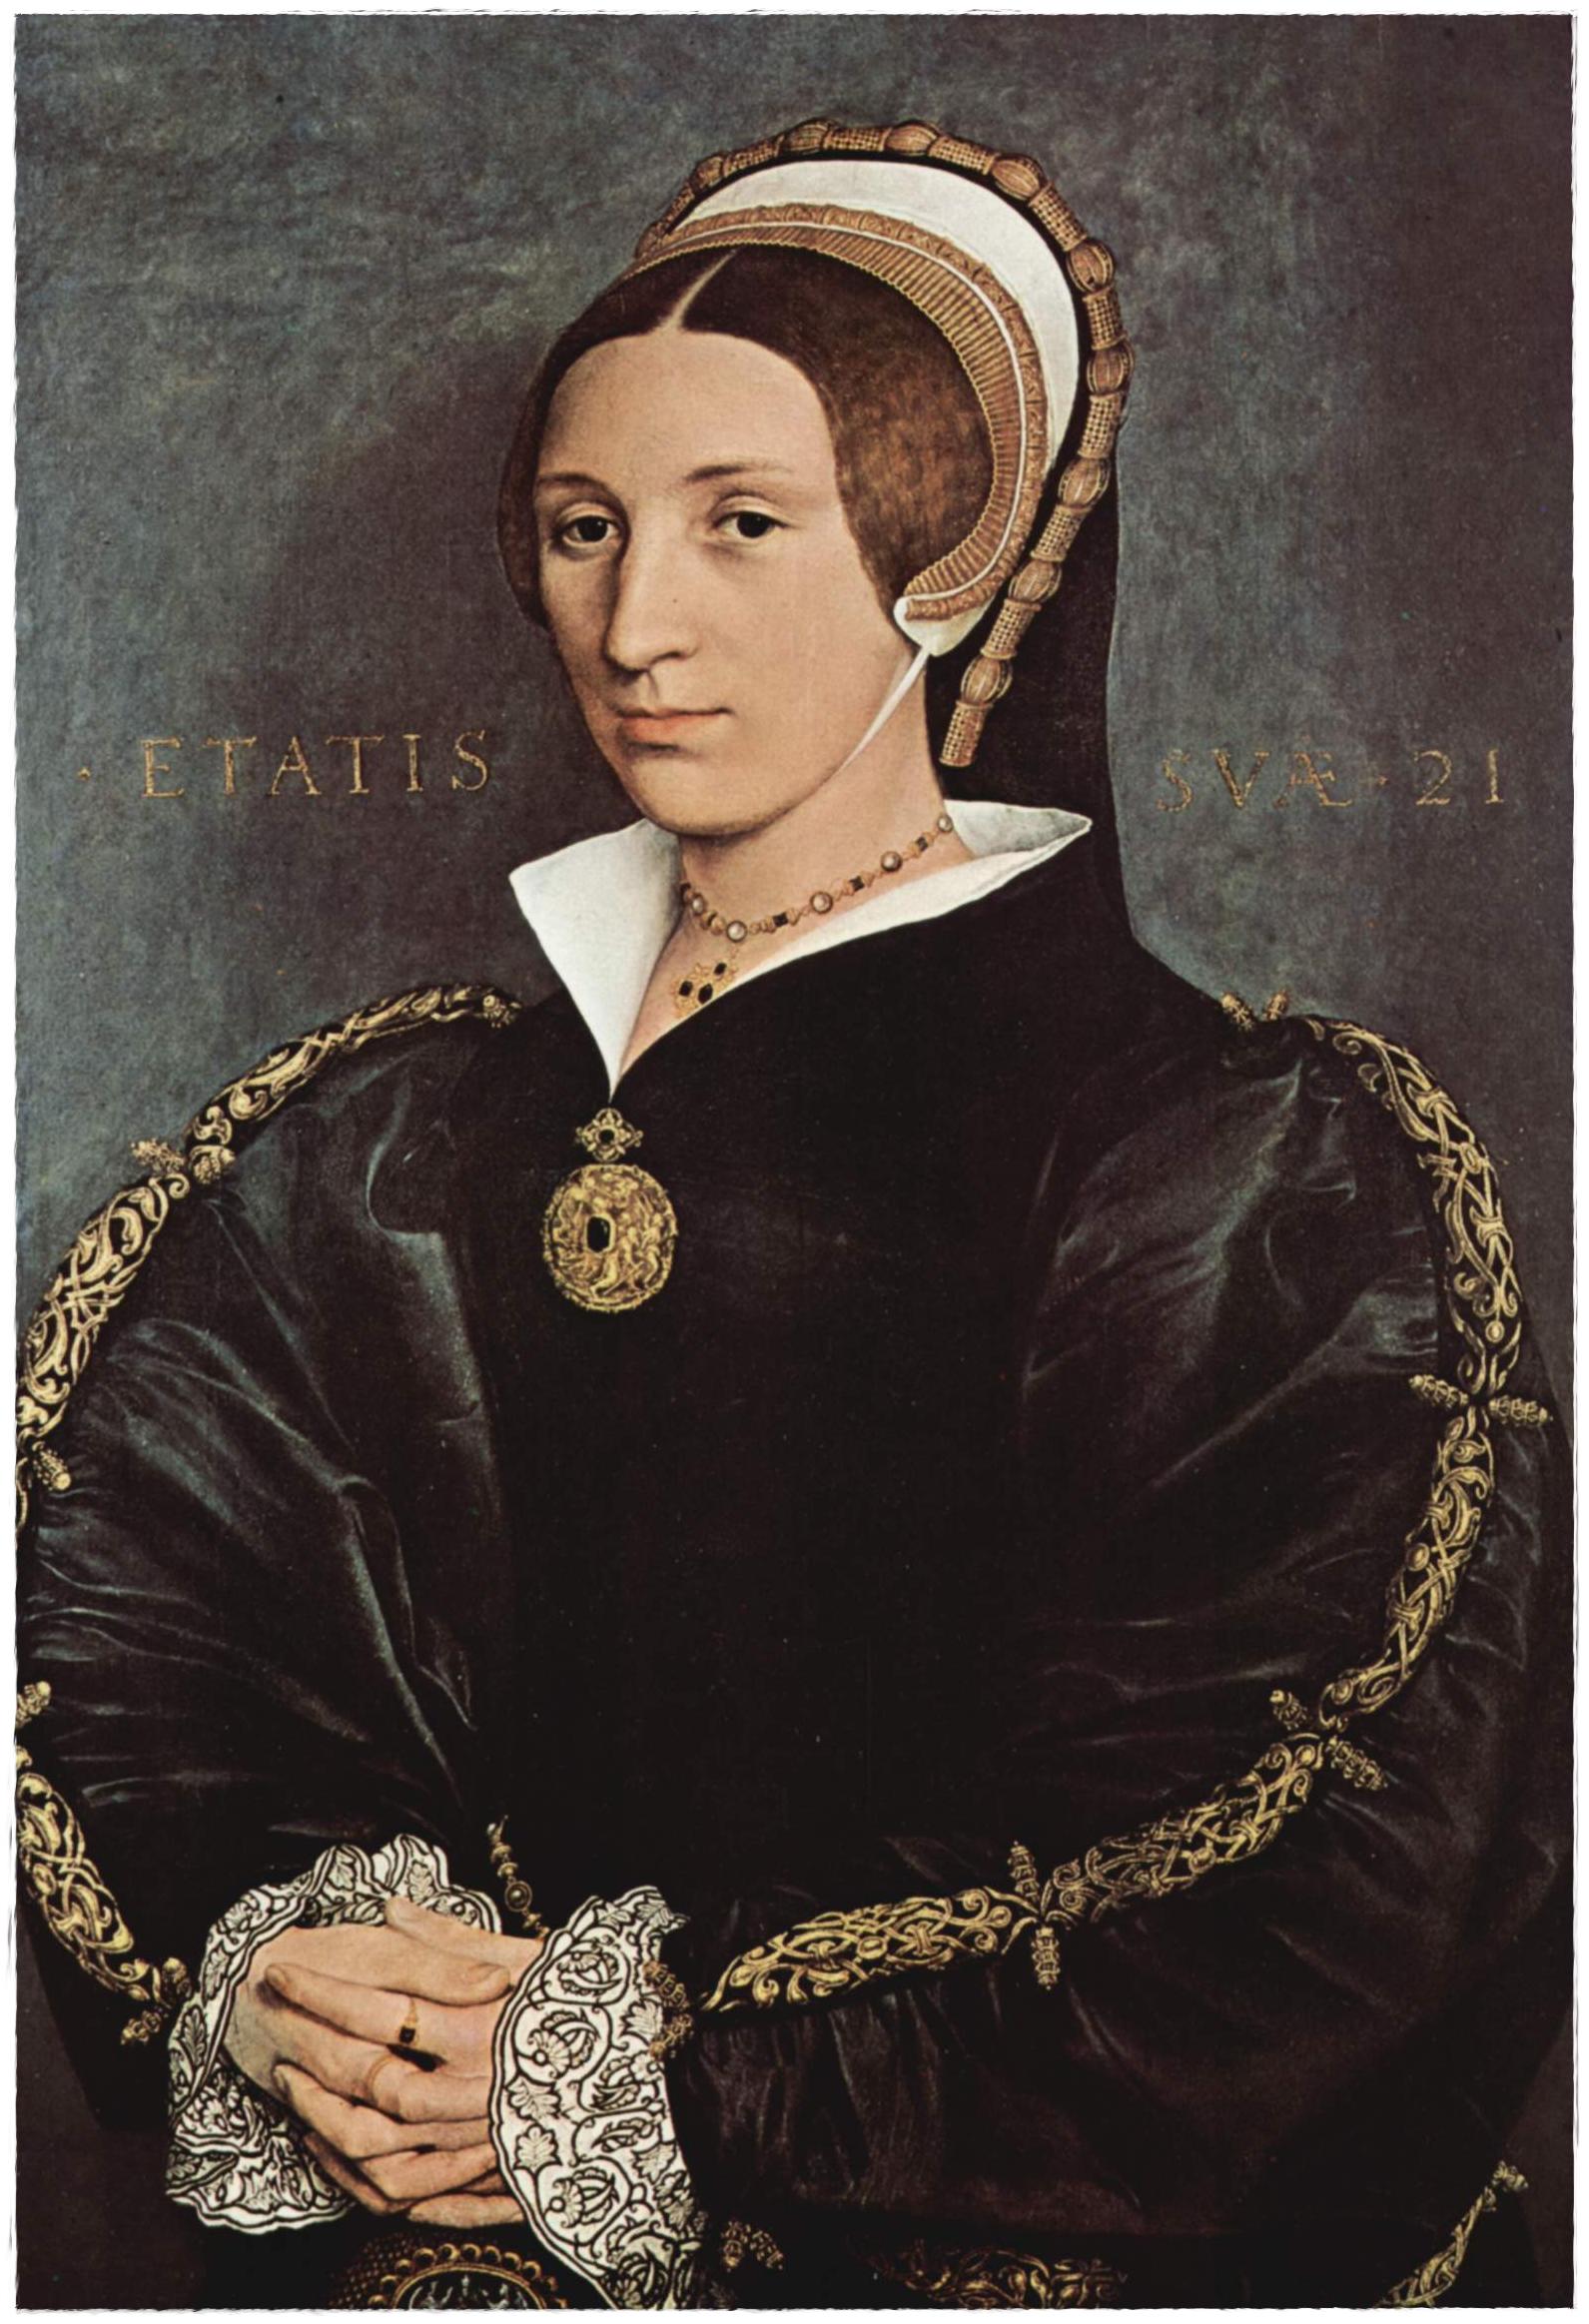 queen katherine howard possibly elizabeth seymour sister of queen janeQueen Jane Seymour